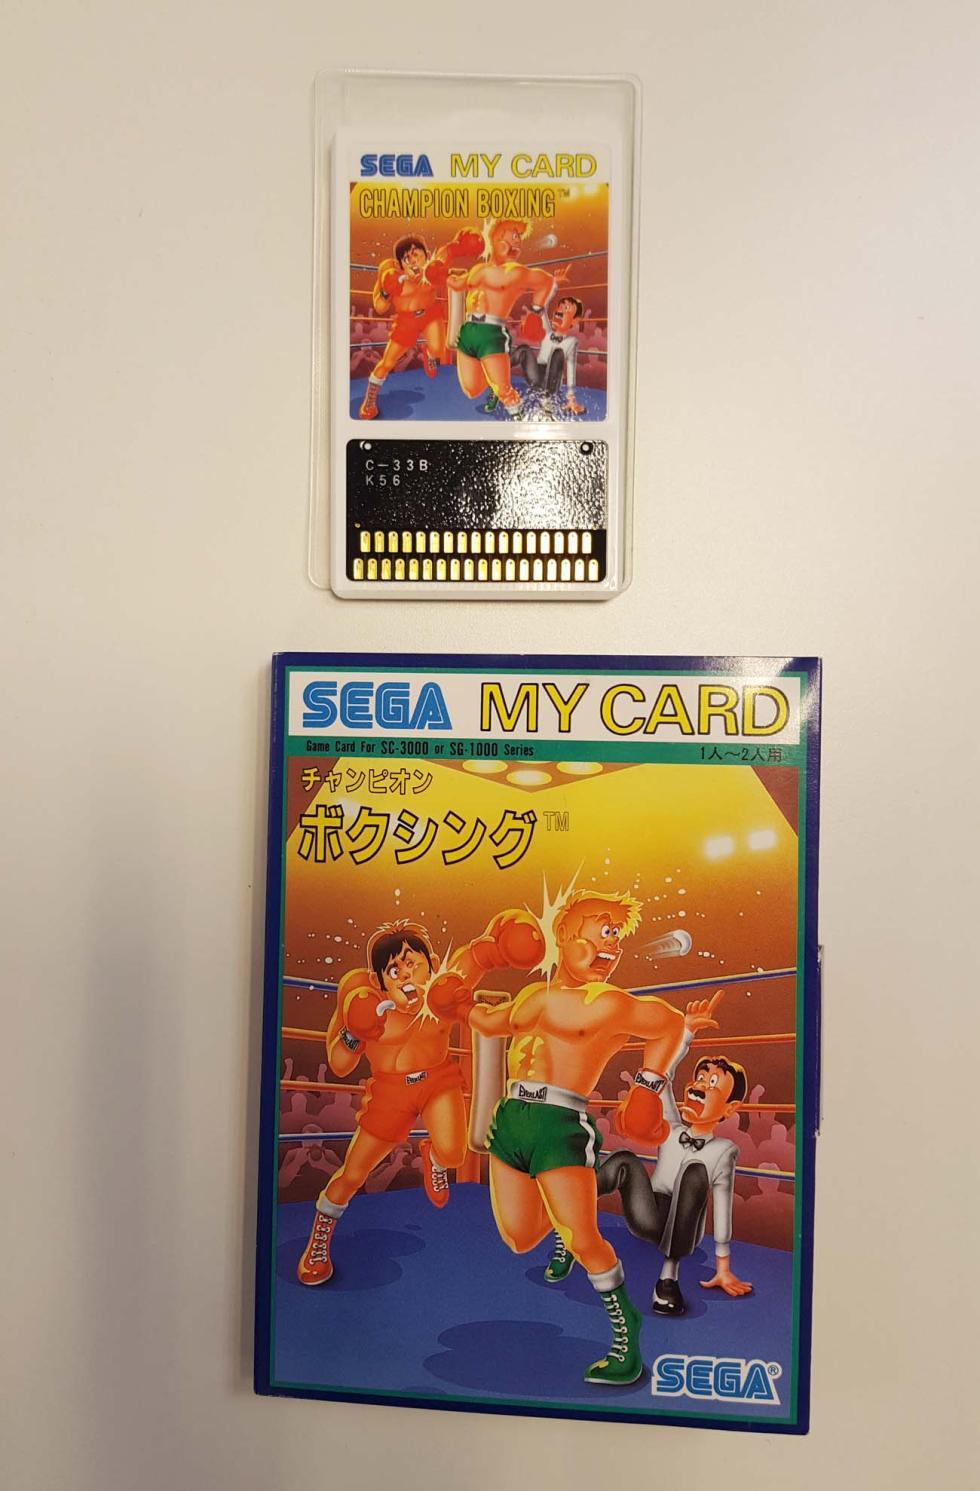 Sega SG-1000 My Card